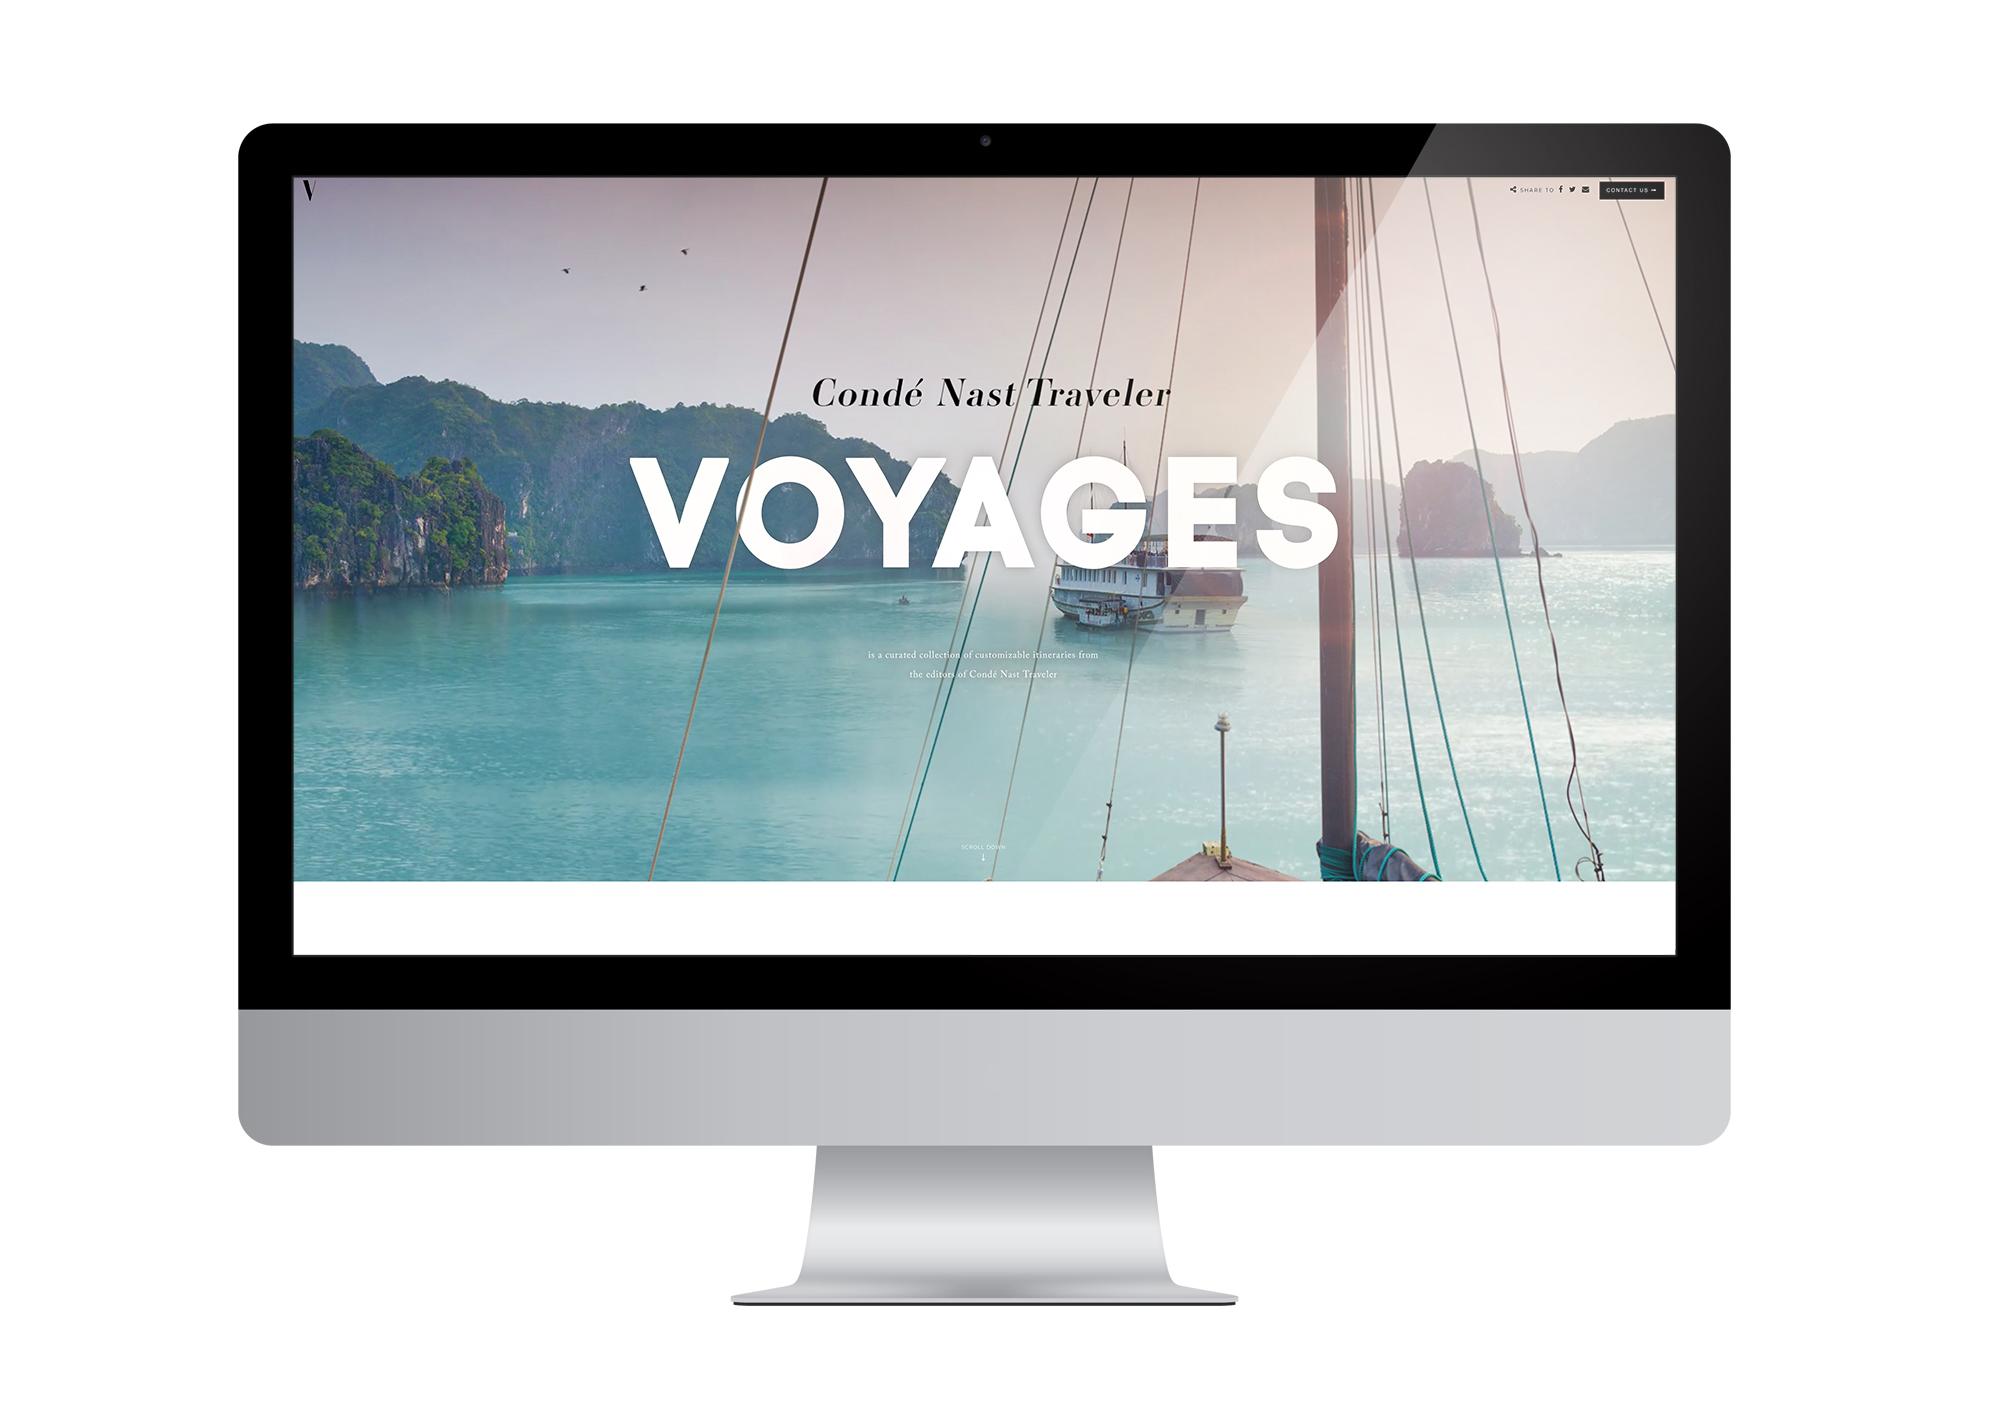 voyages 1.jpg